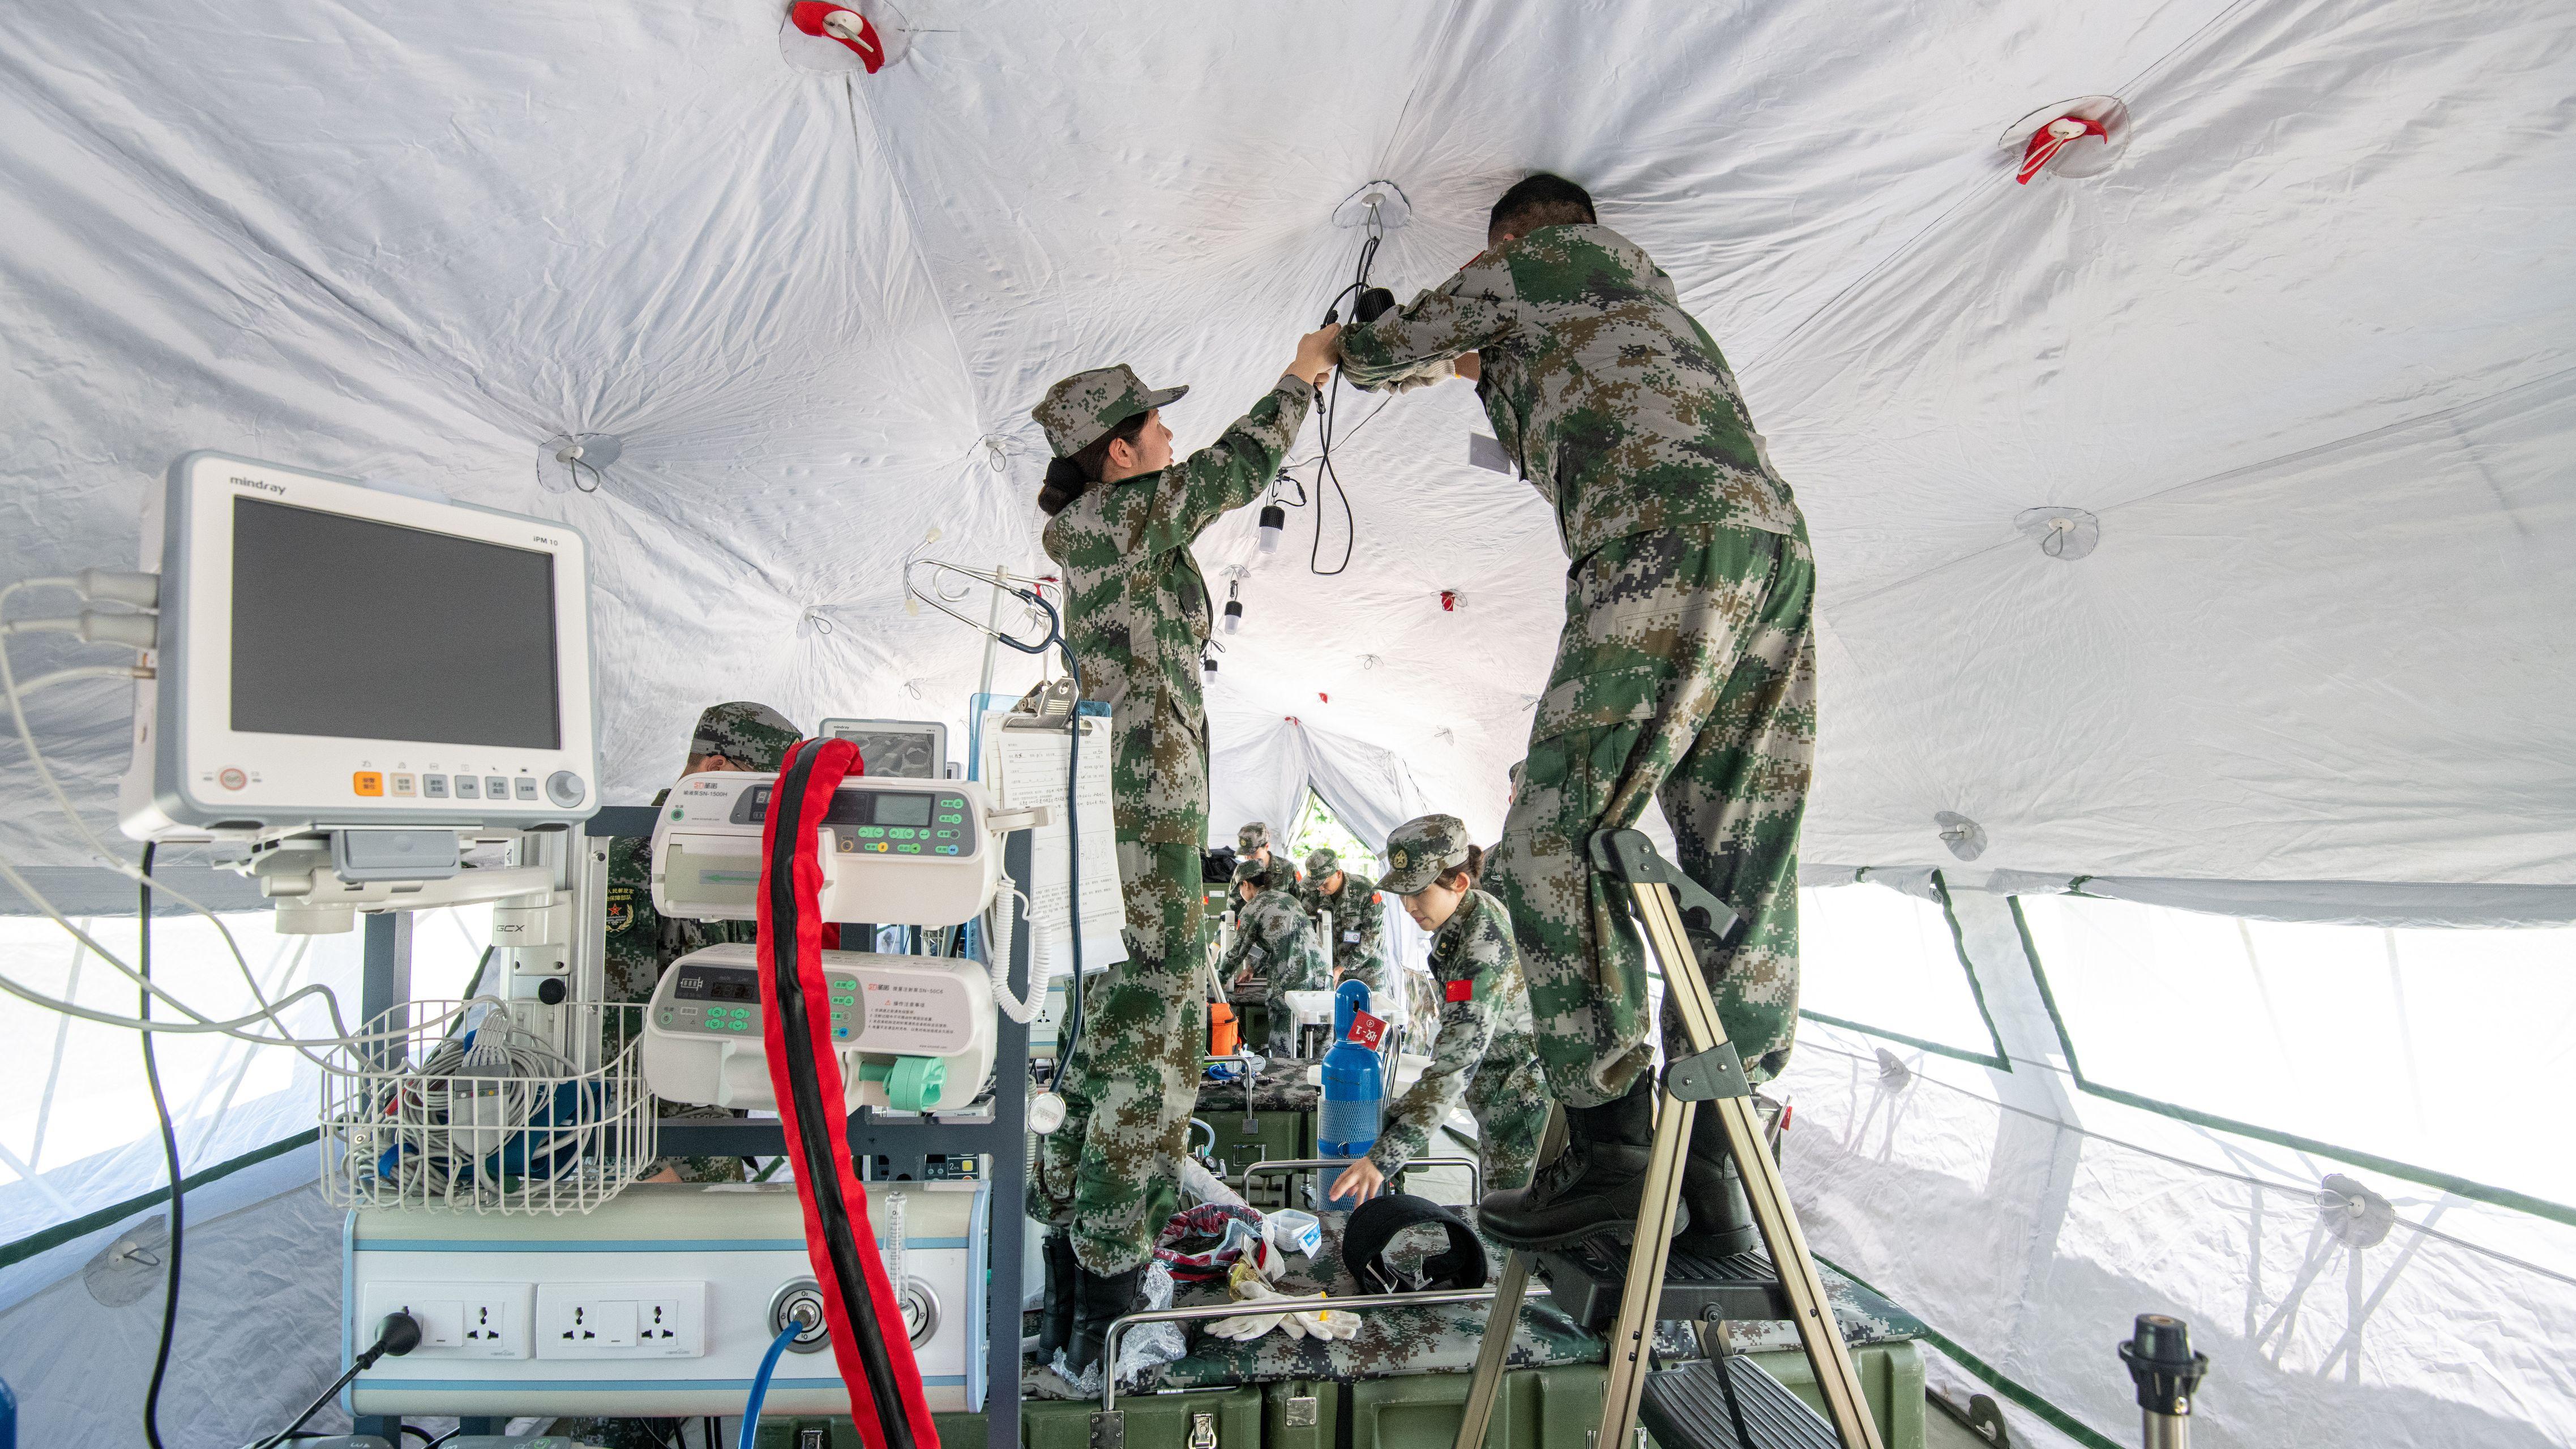 Soldaten der Chinesischen Volksbefreiungsarmee bauen eine Intensivstation in einem mobilen Rettungszentrum auf.